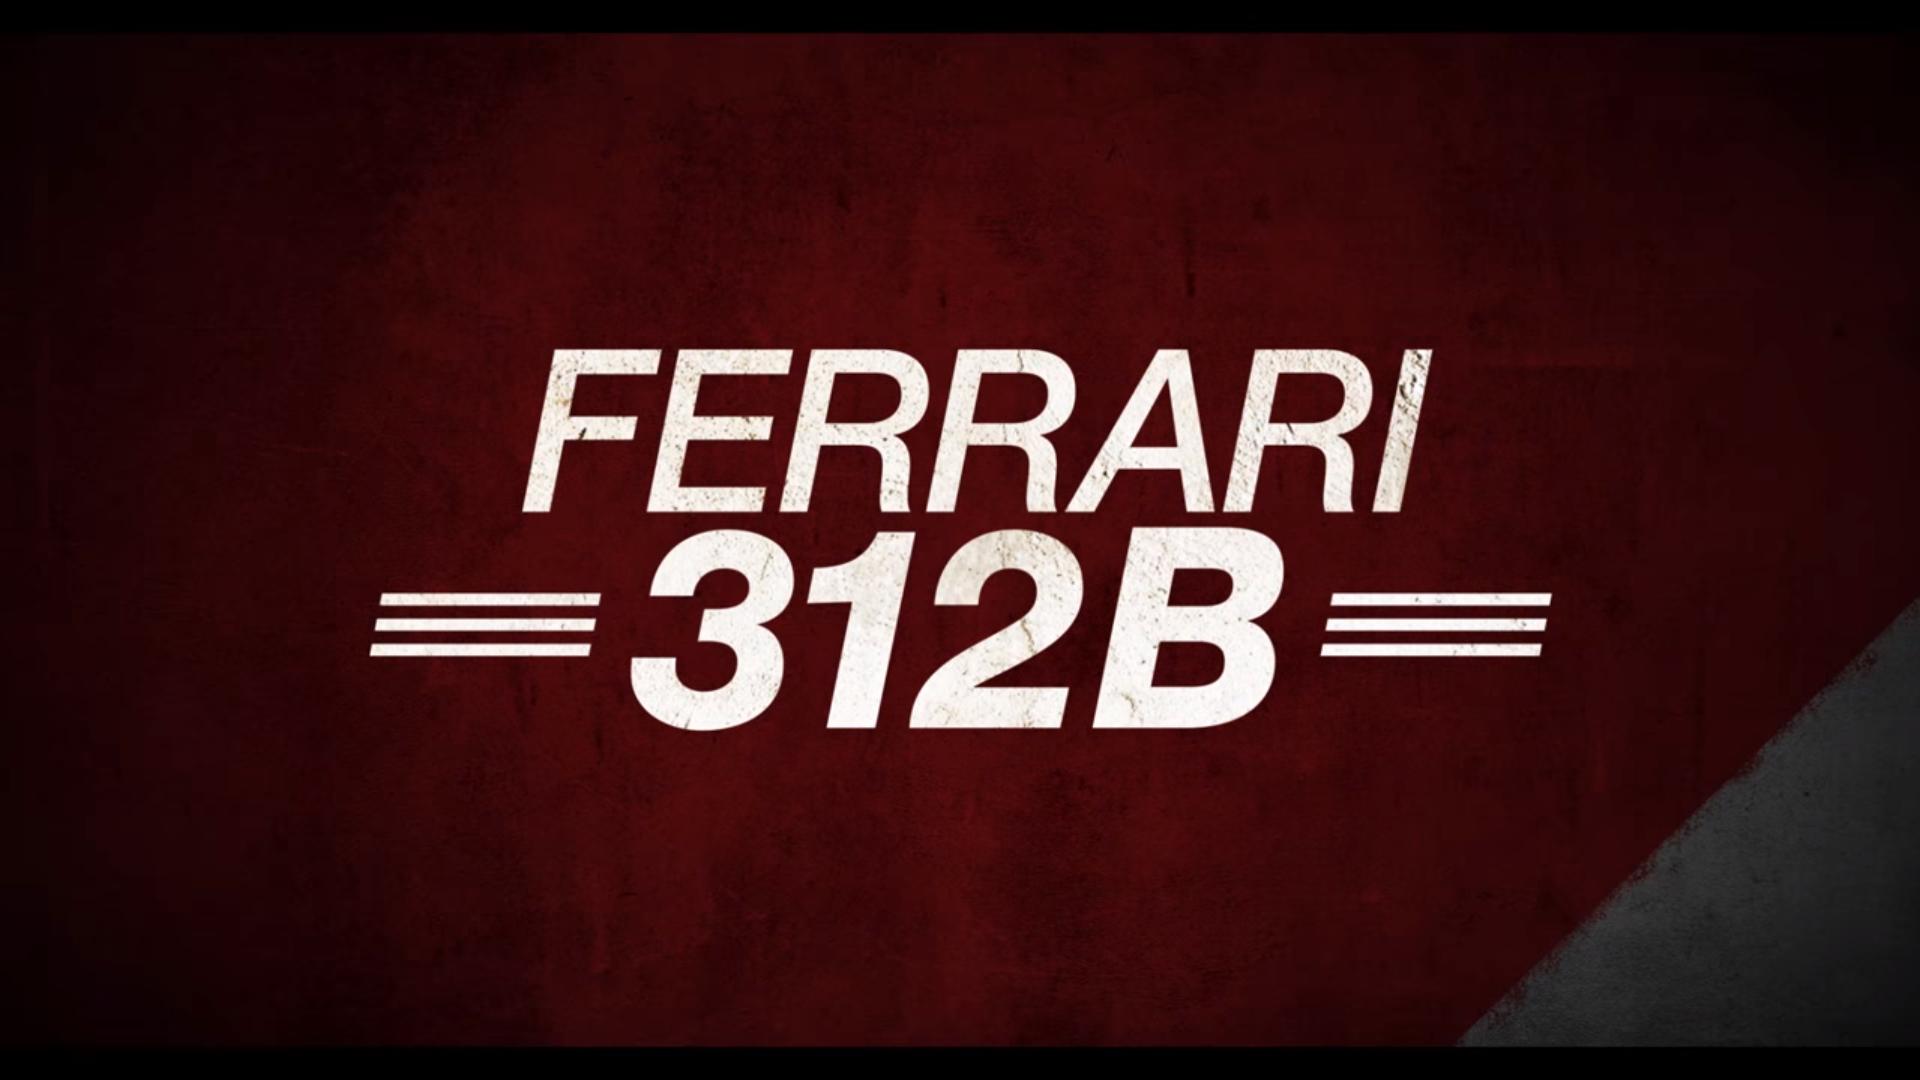 Trailer van Ferrari 312B